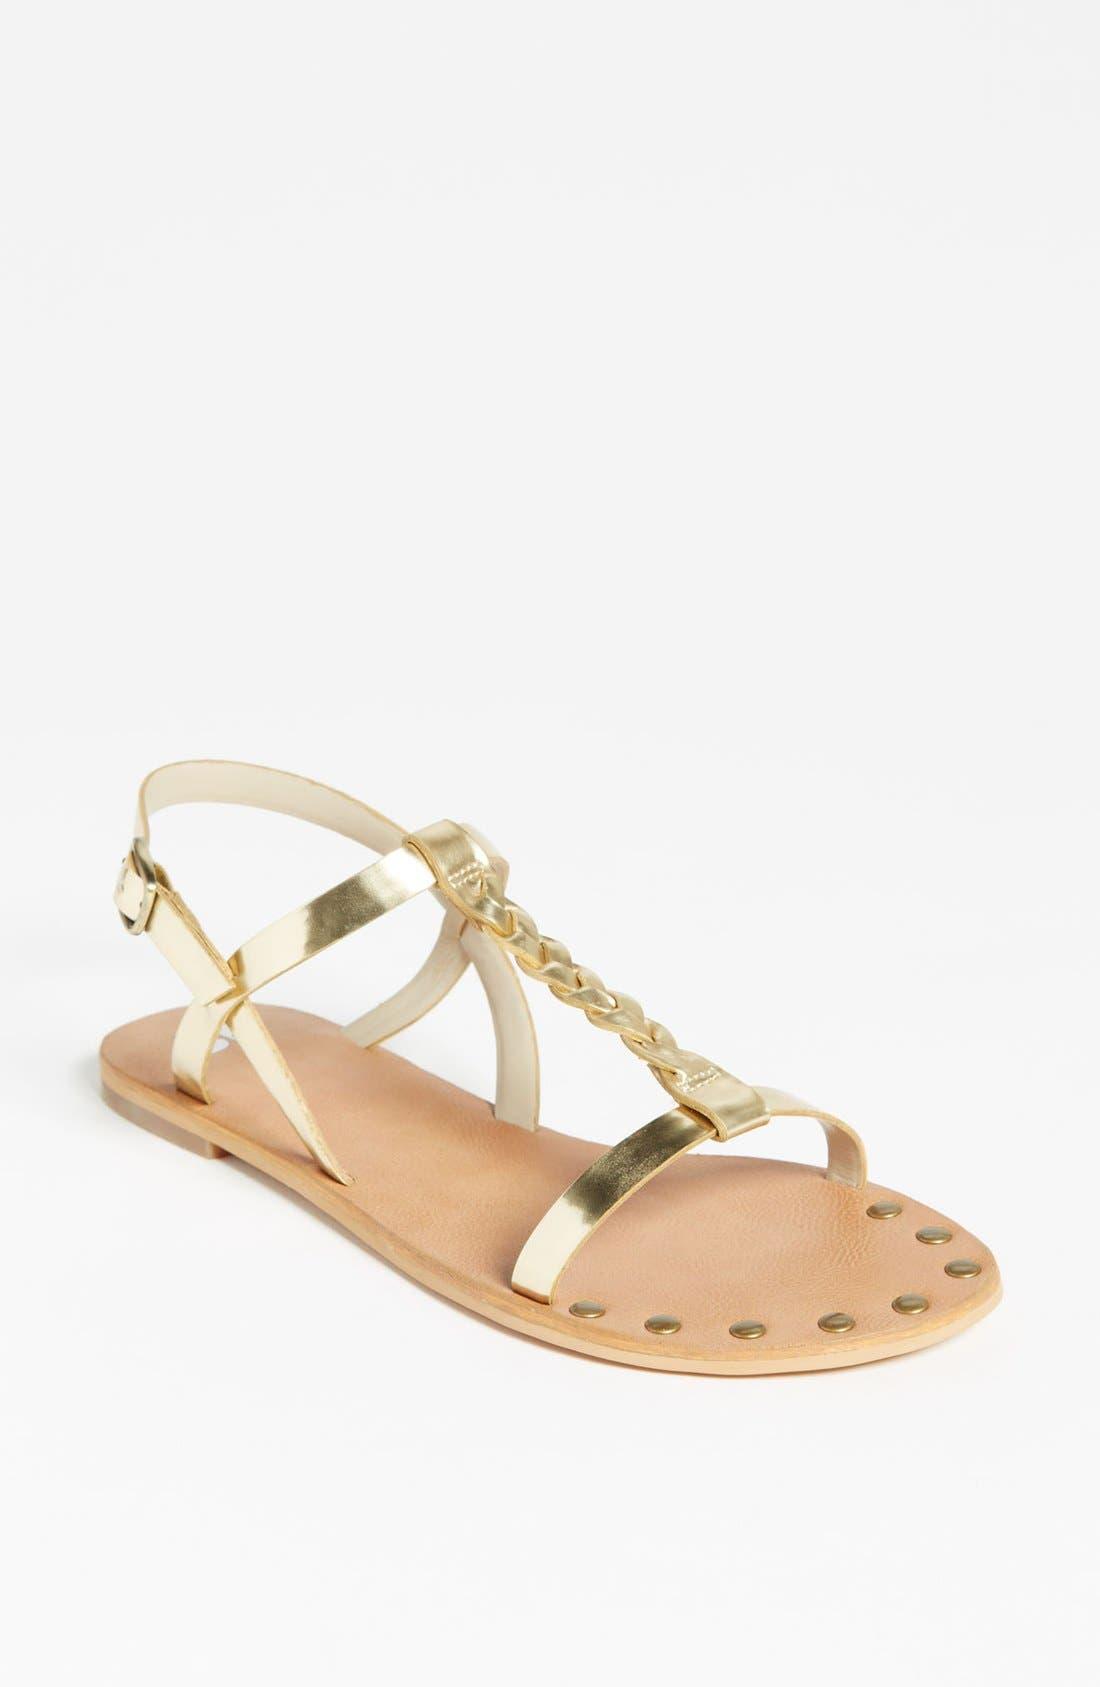 Main Image - BP. 'Siam' Sandal